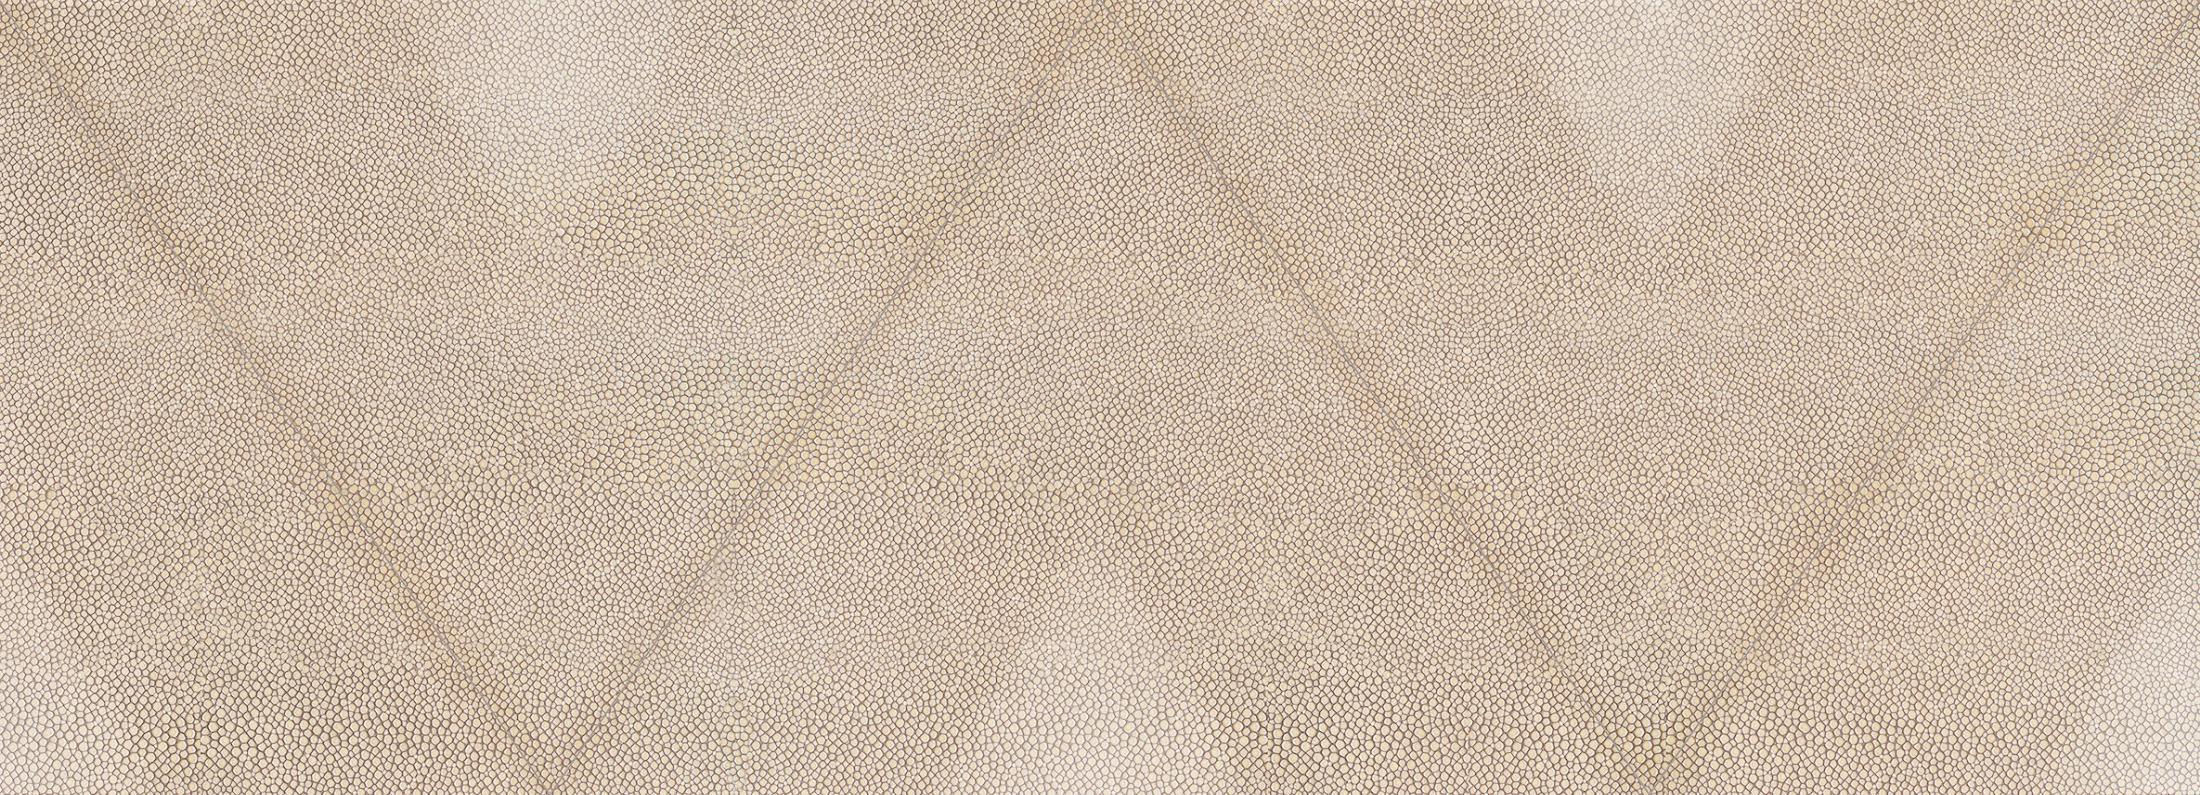 Купить Керамическая плитка AltaСera Lozenge Brown WT11SLZ08 настенная 20x60, Россия